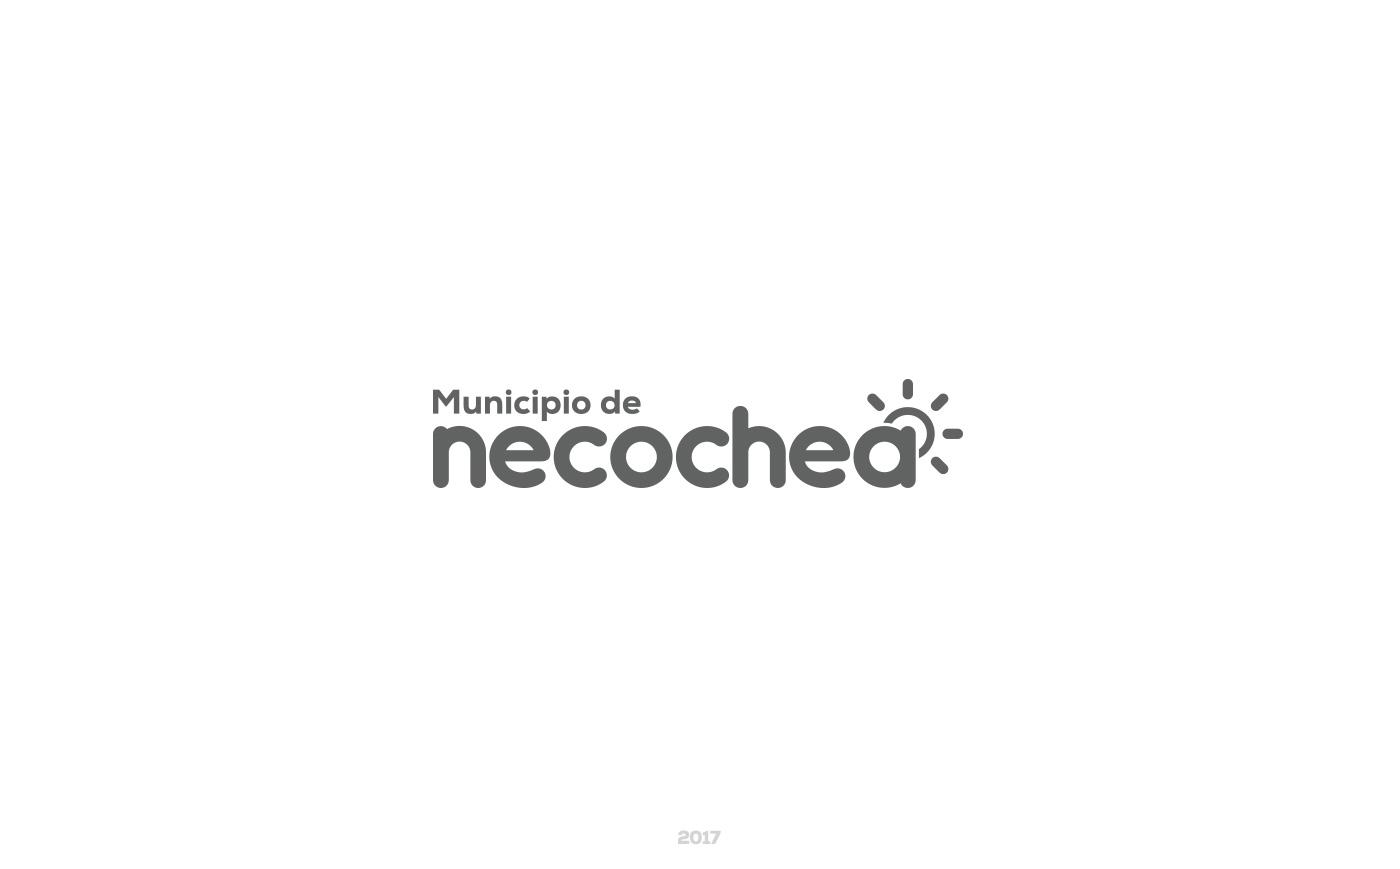 NECOCHEA-IDENTIDAD-2017-KUCHA-02